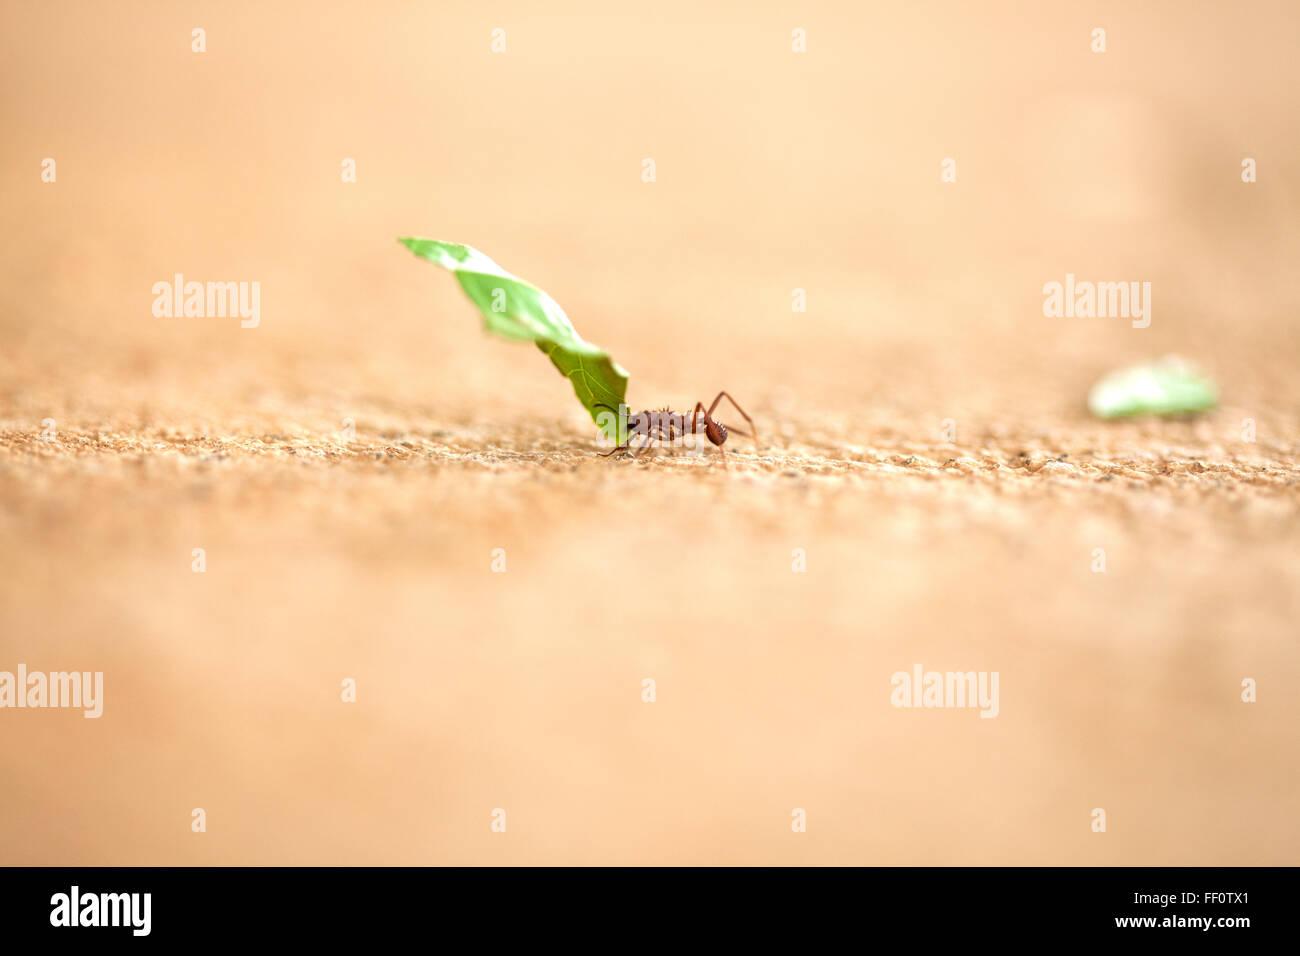 Un gros plan d'une seule exécution ant coupeuses de feuilles d'un morceau de feuille verte à travers Photo Stock